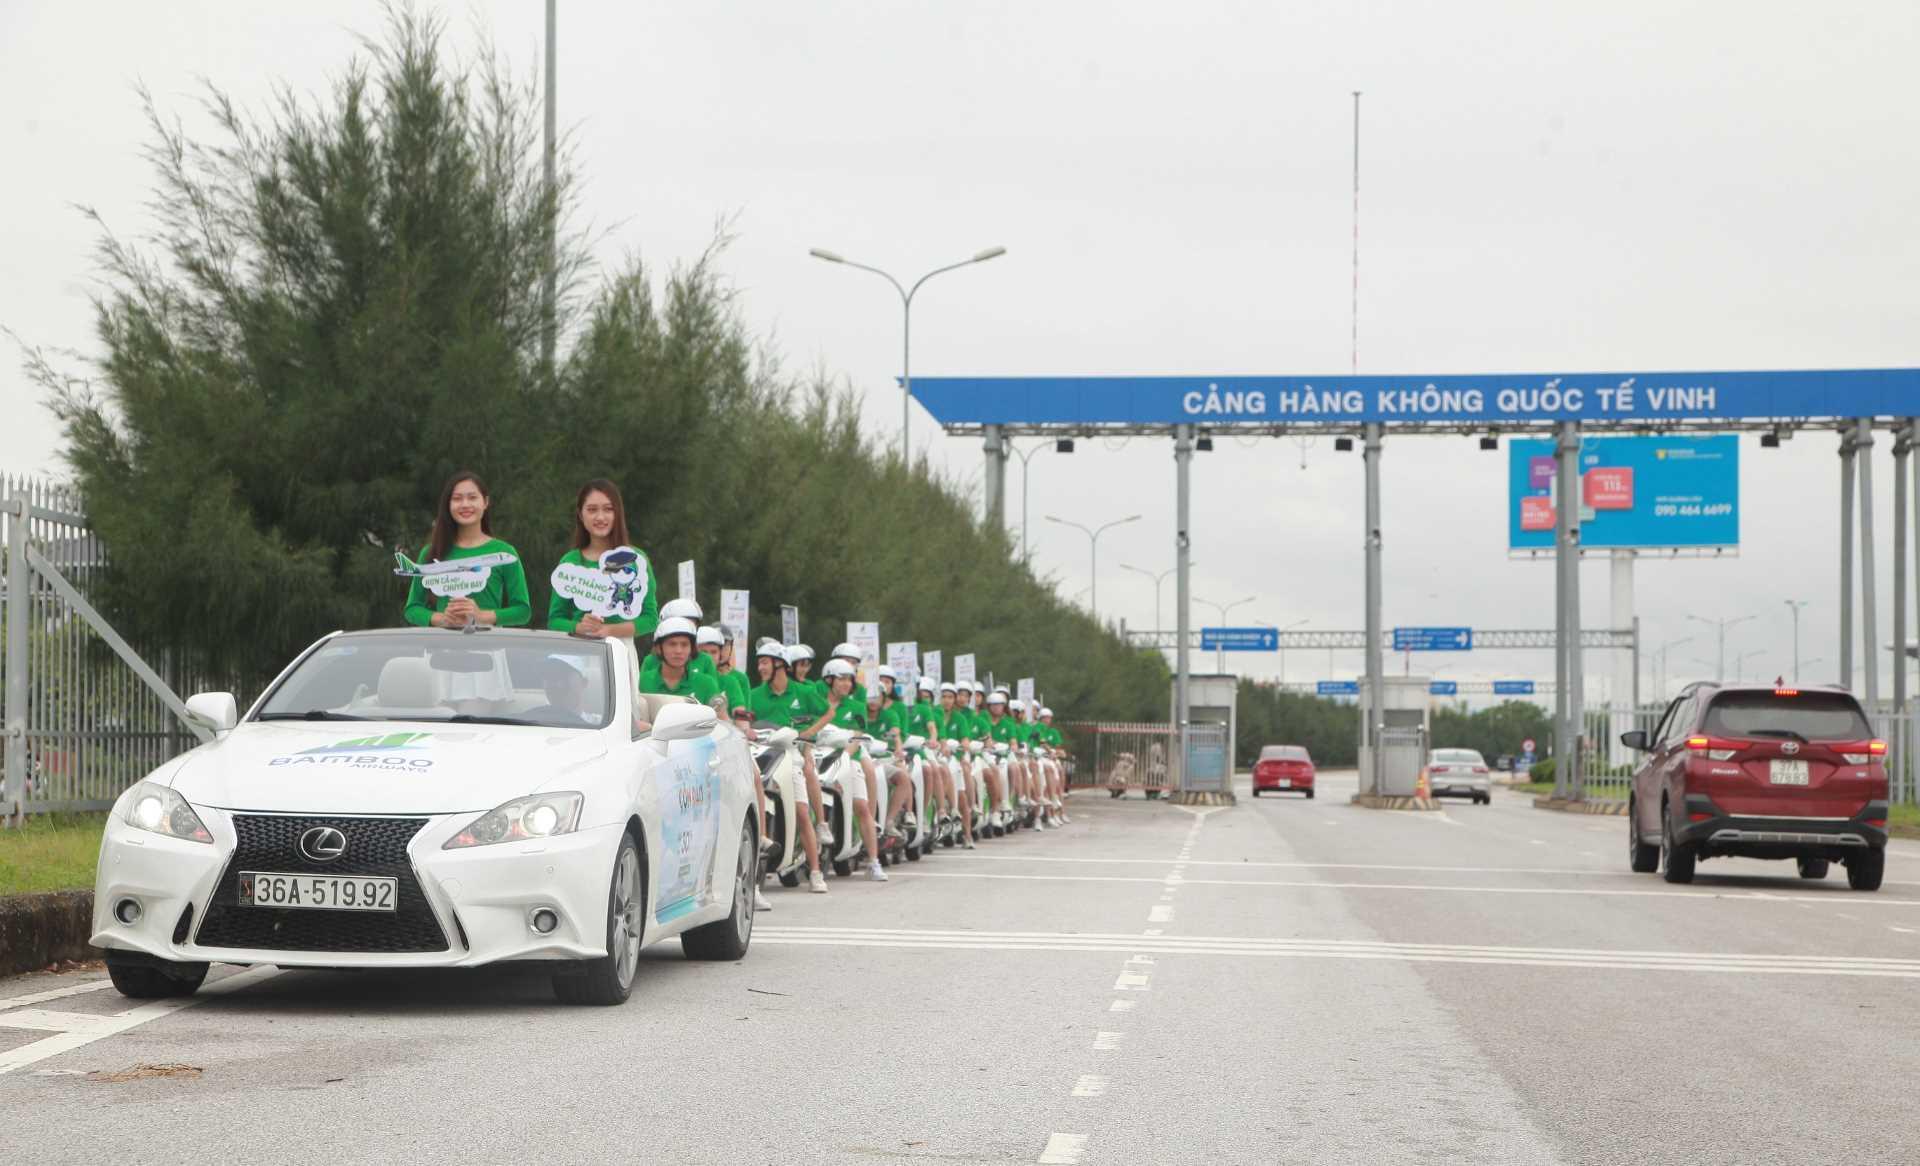 Bamboo Airways tưng bừng khởi động sự kiện kích cầu trước thềm khai trương ba đường bay thẳng Côn Đảo